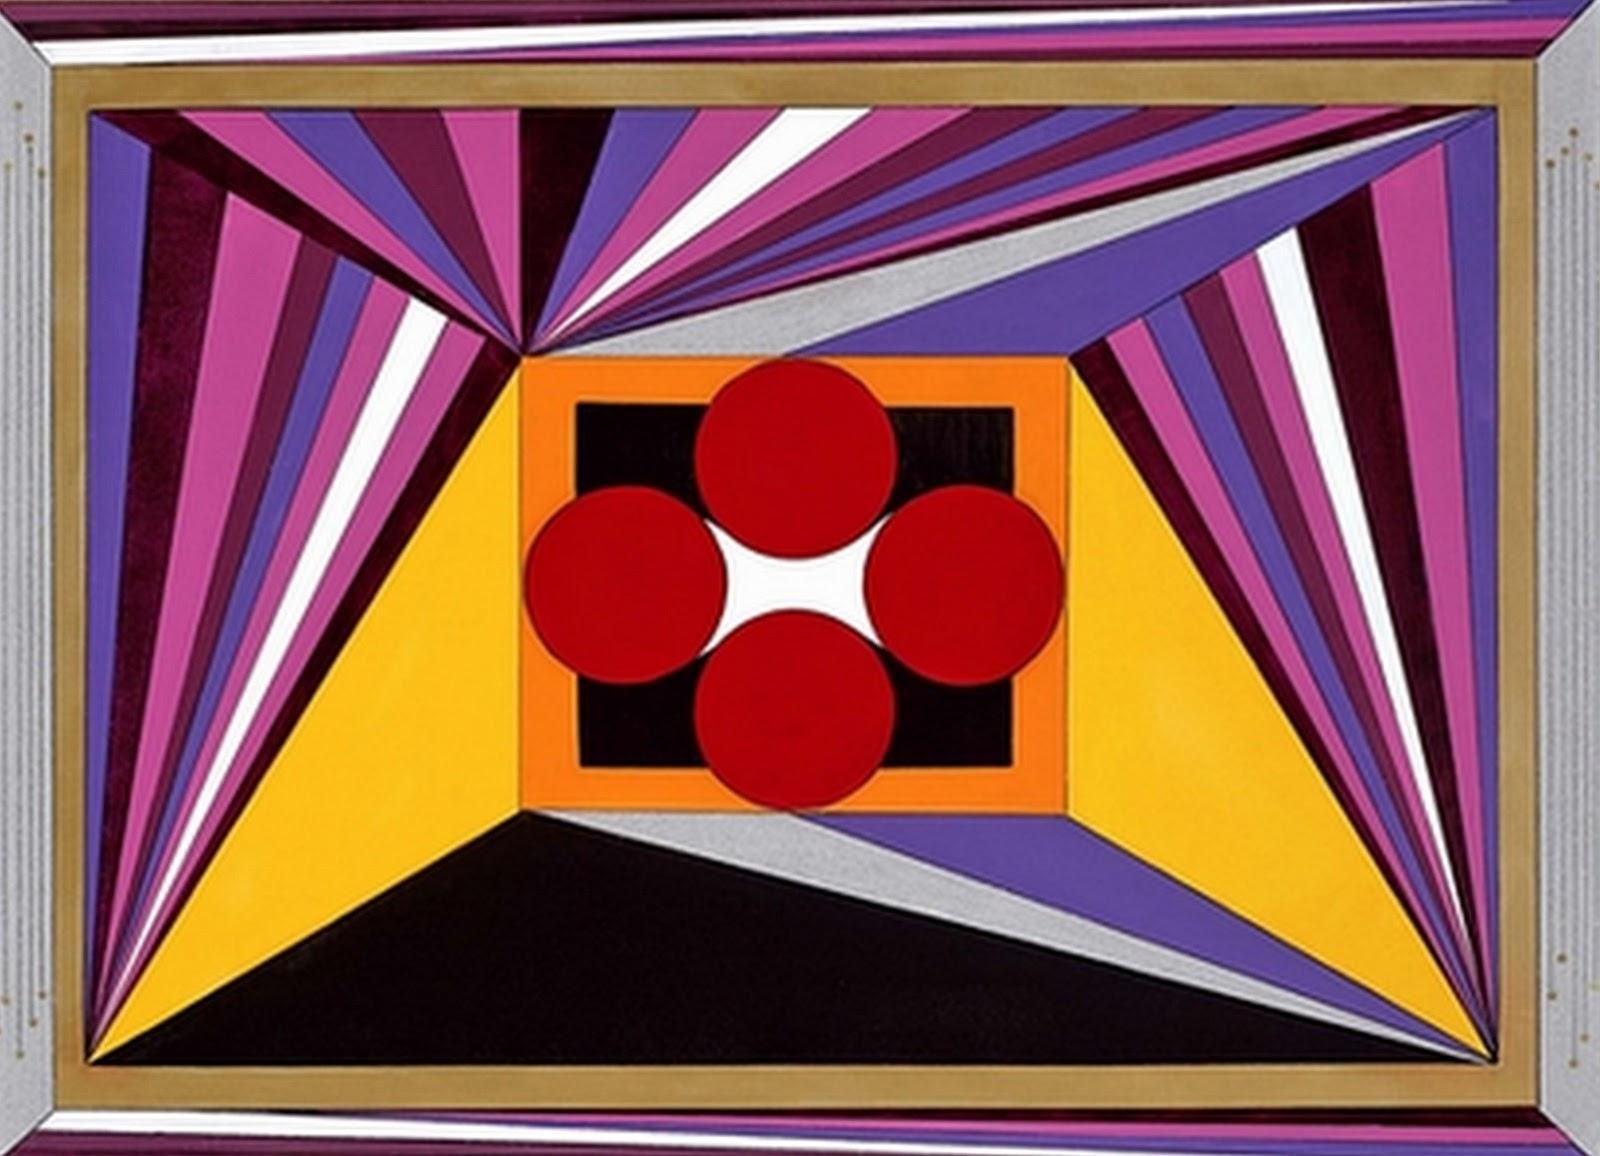 Cuadros Modernos: Pinturas de Colores Vivos, Bernad Katzeff